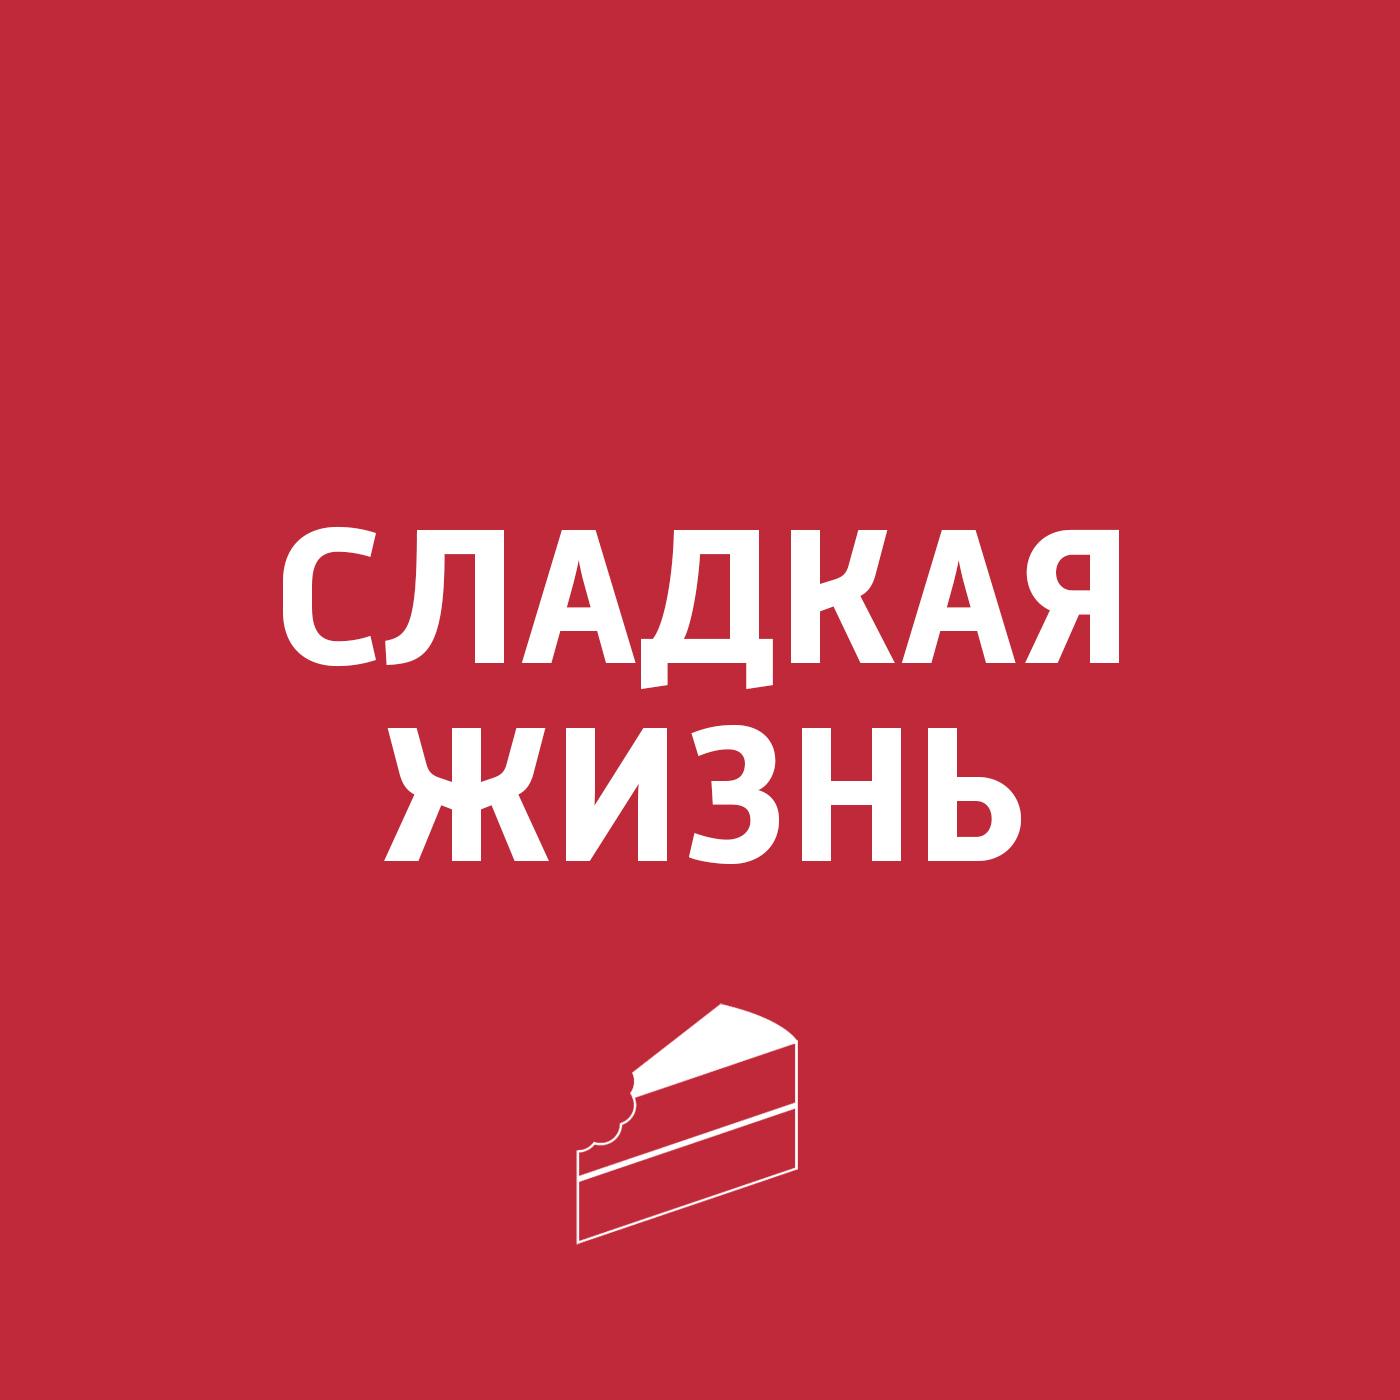 Картаев Павел Блины за рубежом картаев павел хворост